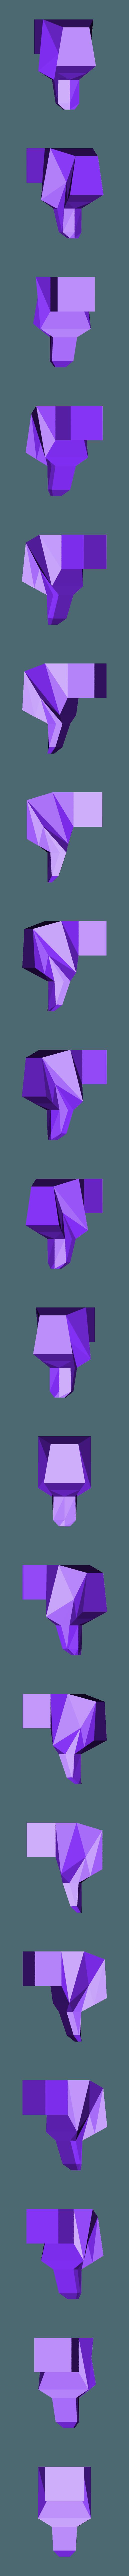 Duckhead (no Subdivision).stl Télécharger fichier STL gratuit Tête de canard • Objet pour impression 3D, Janis_Bruchwalski